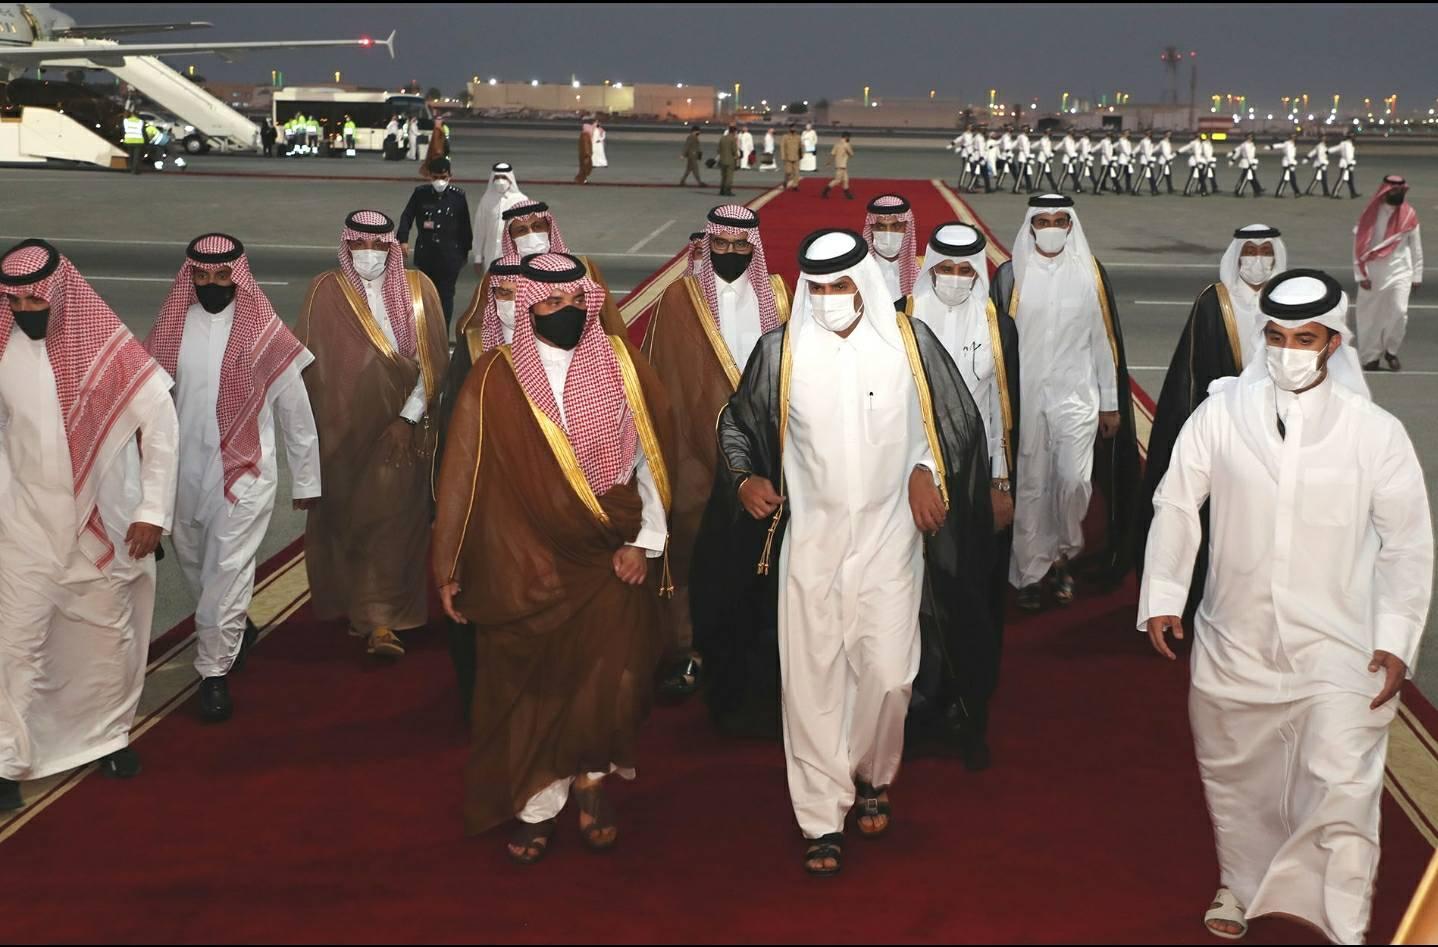 وزير الداخلية السعودي في الدوحة بتكليف من ابن سلمان بعد لقاء طحنون بن زايد بالأمير تميم